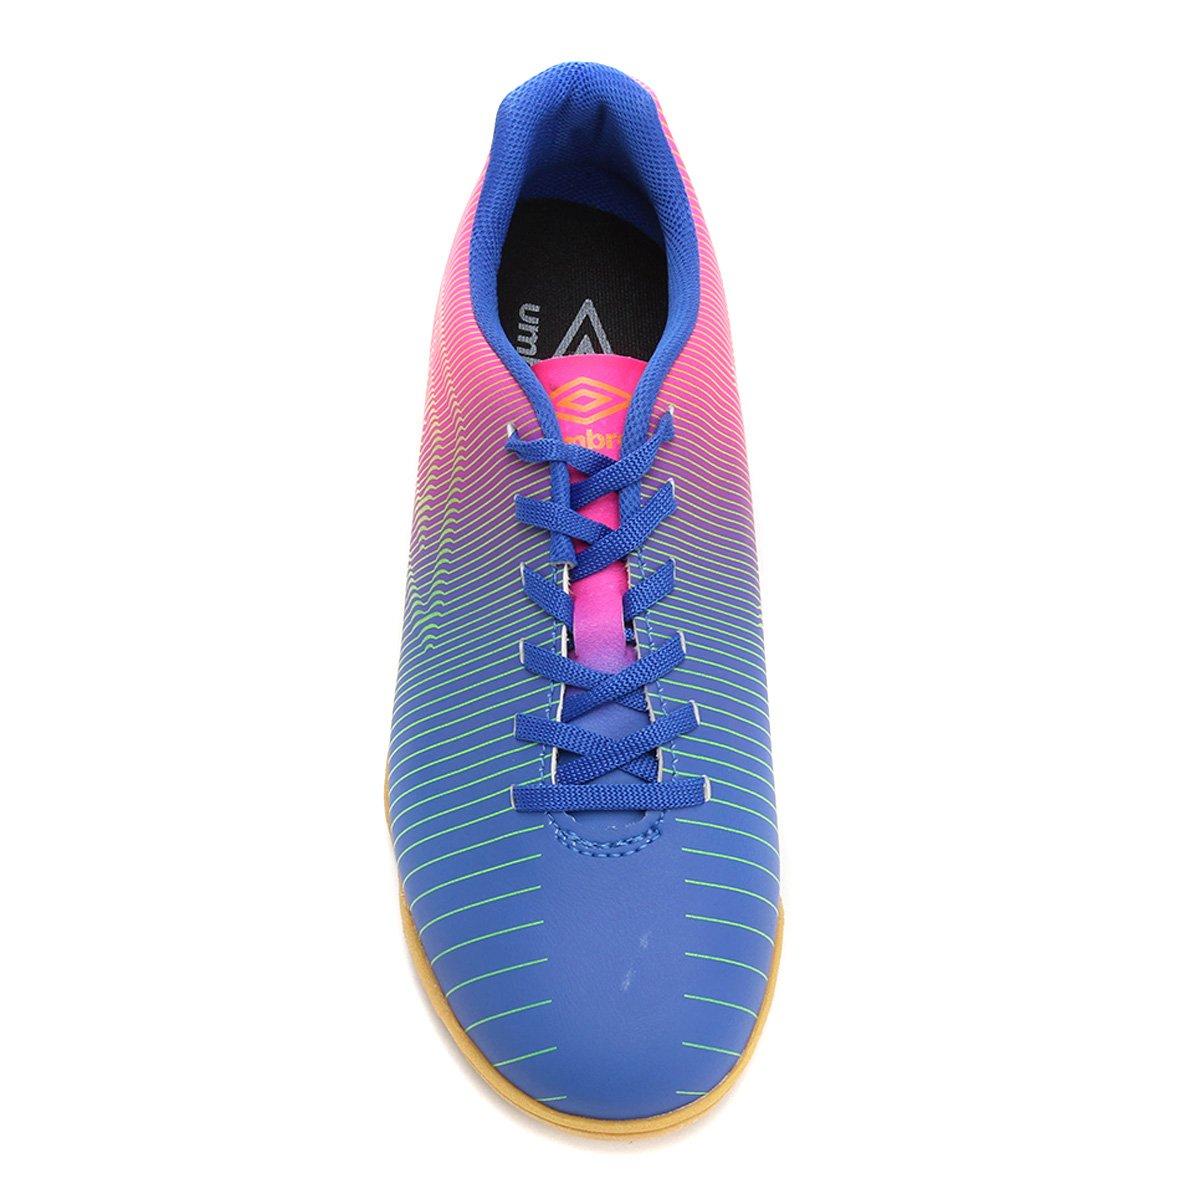 Chuteira Futsal Umbro Vibe Masculina - Compre Agora  ddea7aa5b03bf